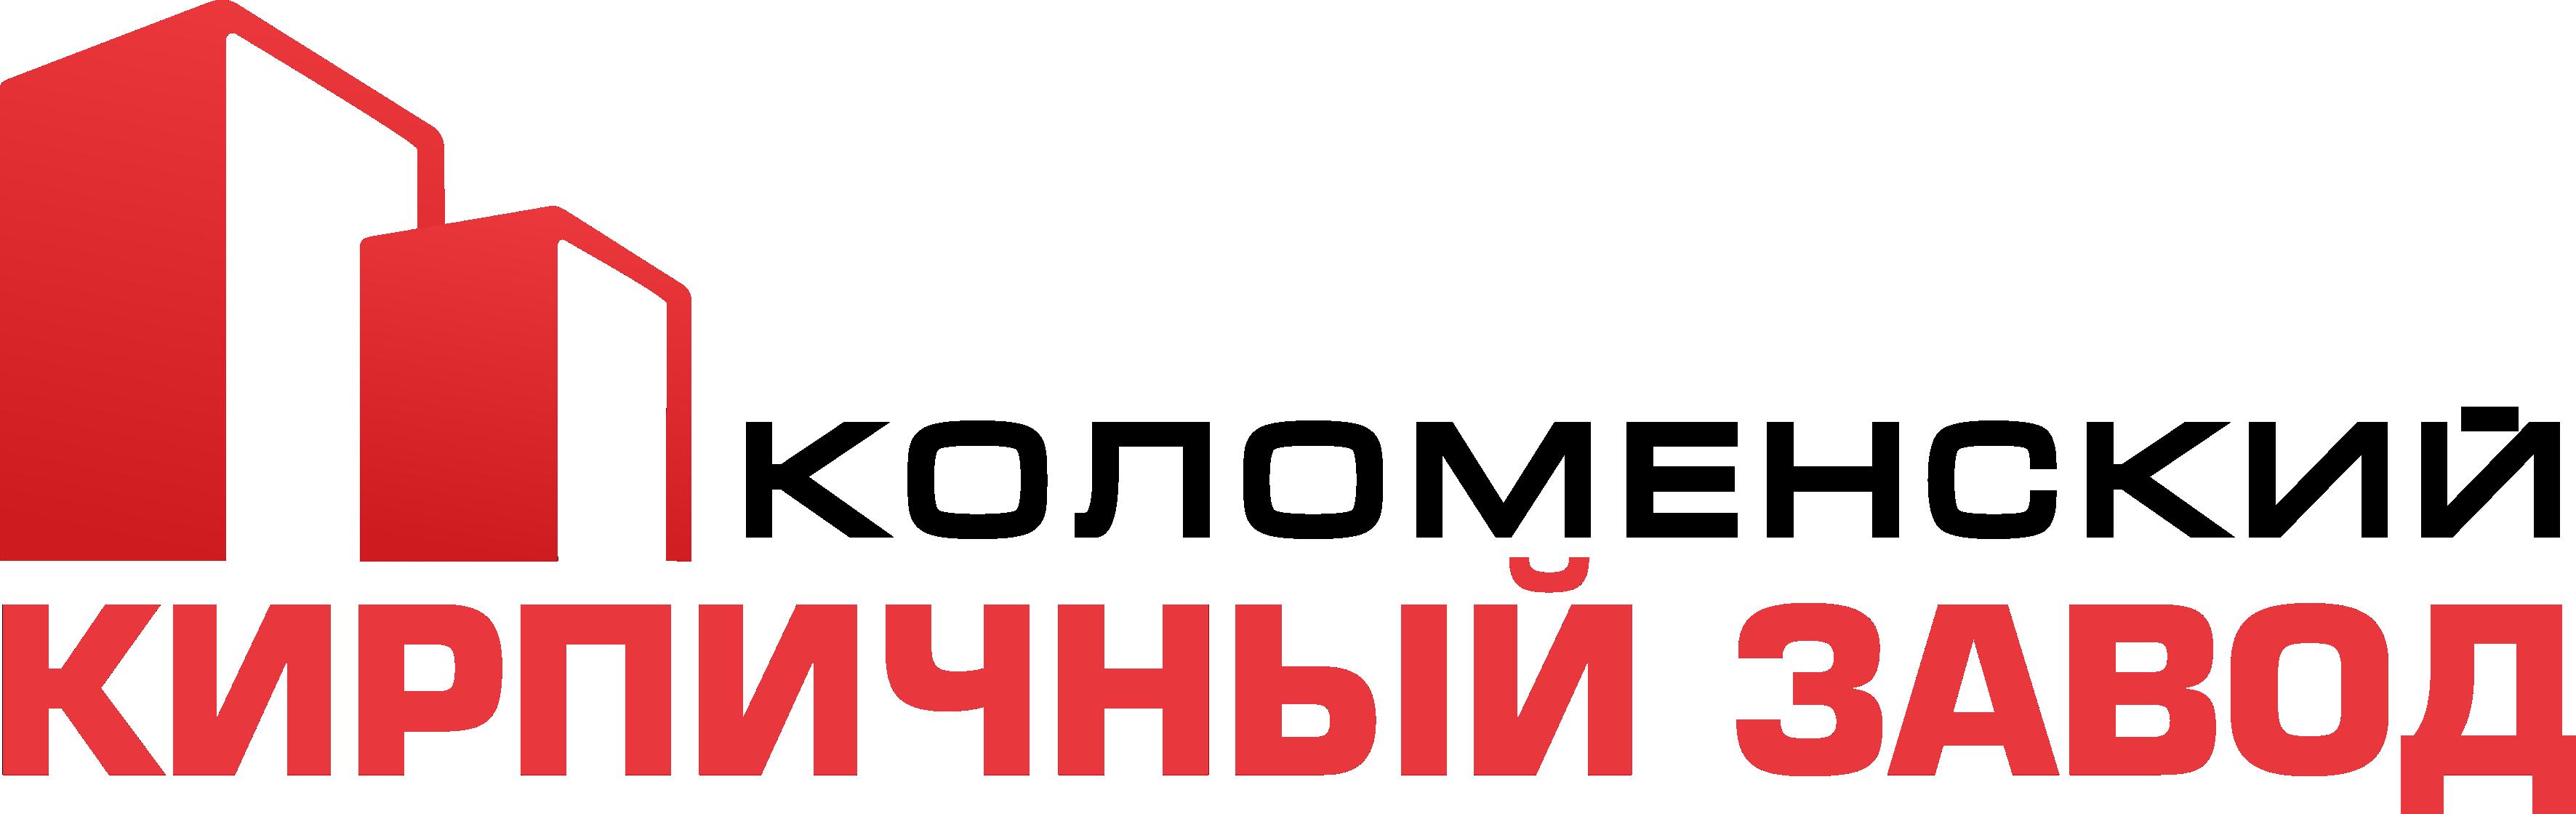 """ОАО """"Коломенский кирпичный завод"""""""